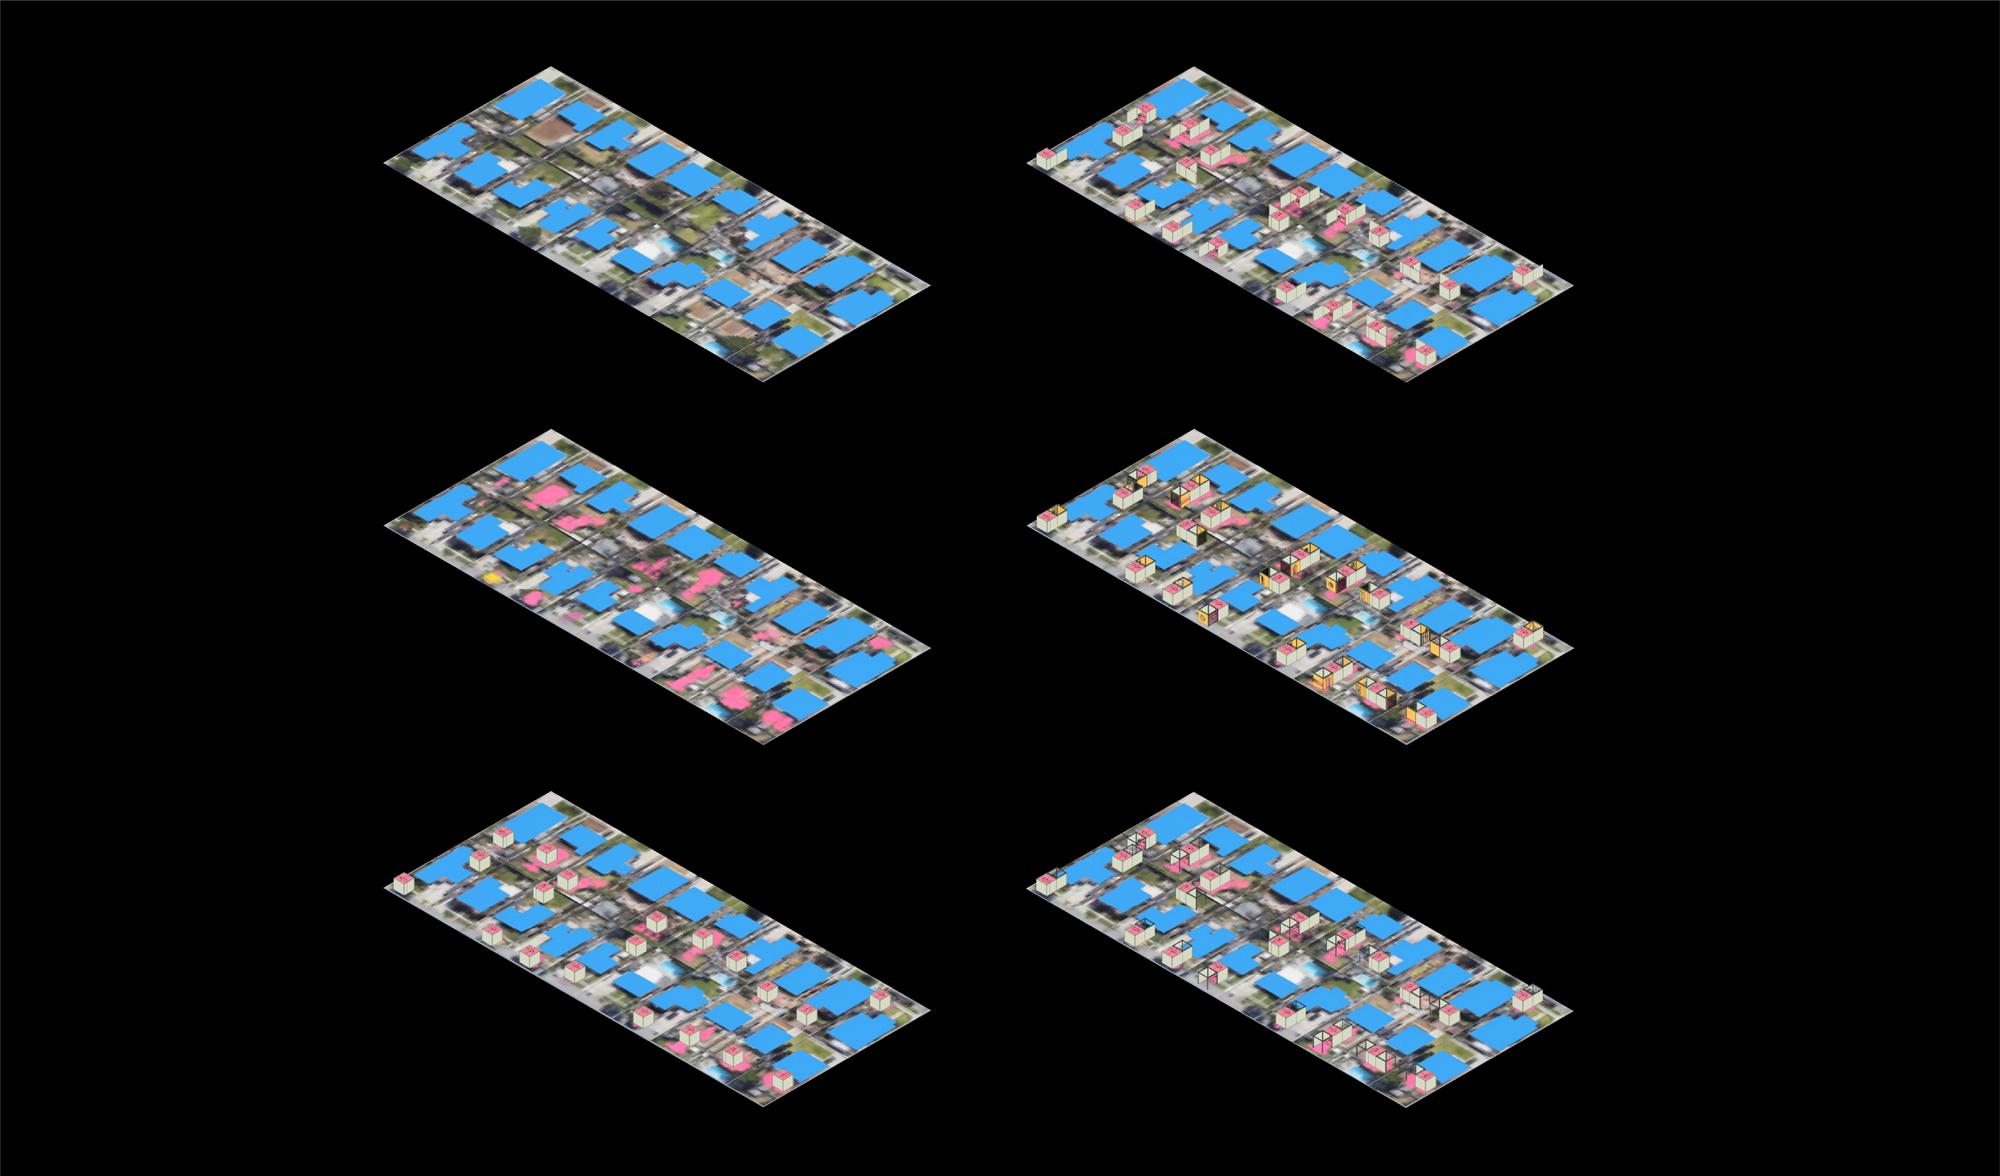 blue tiles computer render black background